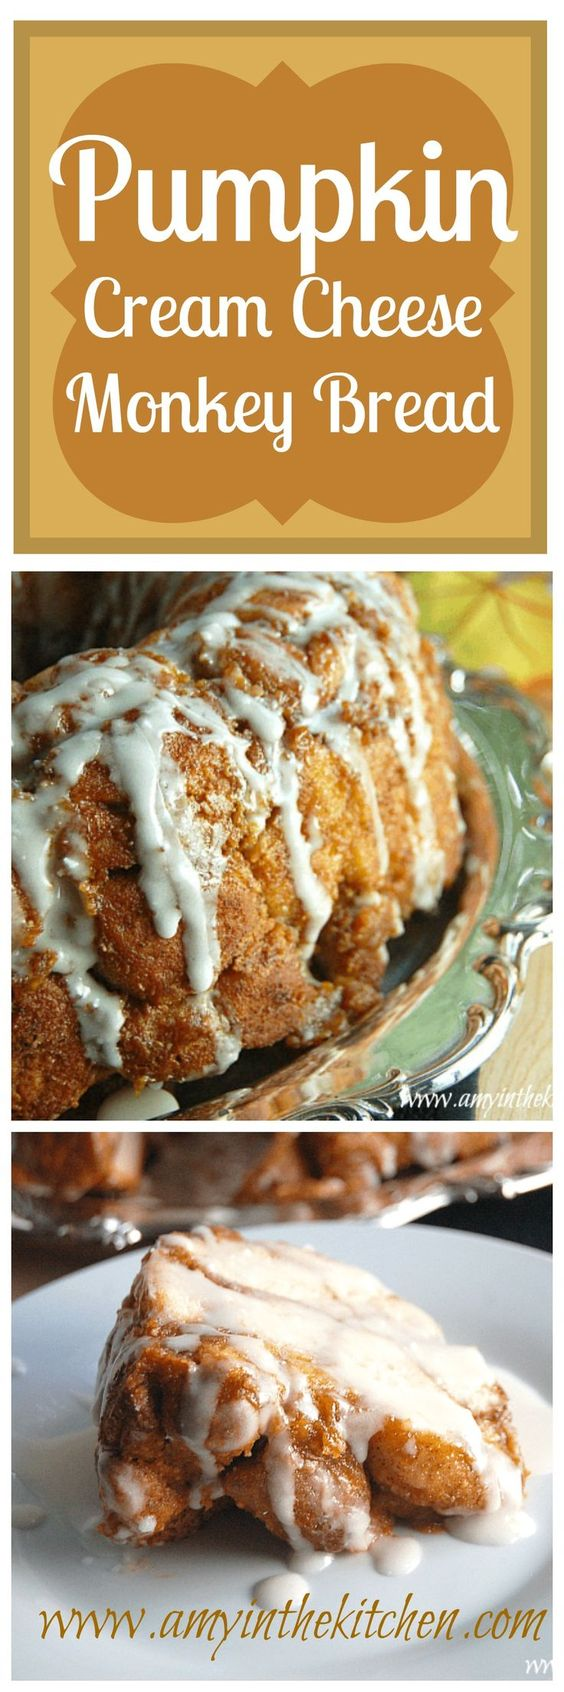 monkey bread delicious recipes cheese cream recipe pumpkin cream ...